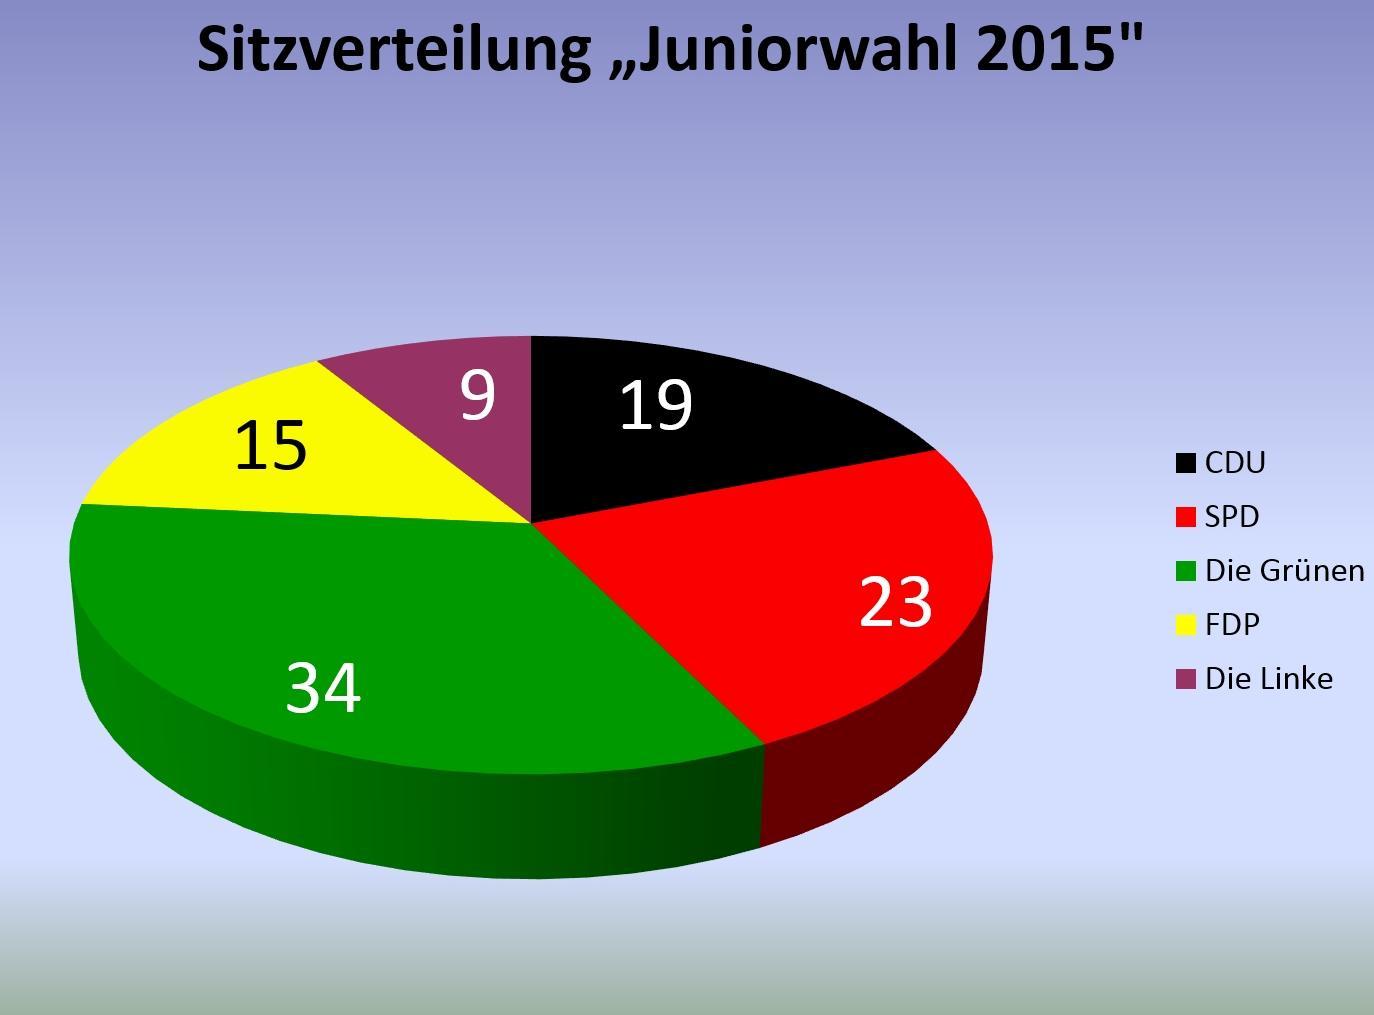 Wahlaktionstag2015_Juniorwahl_Sitzverteilung